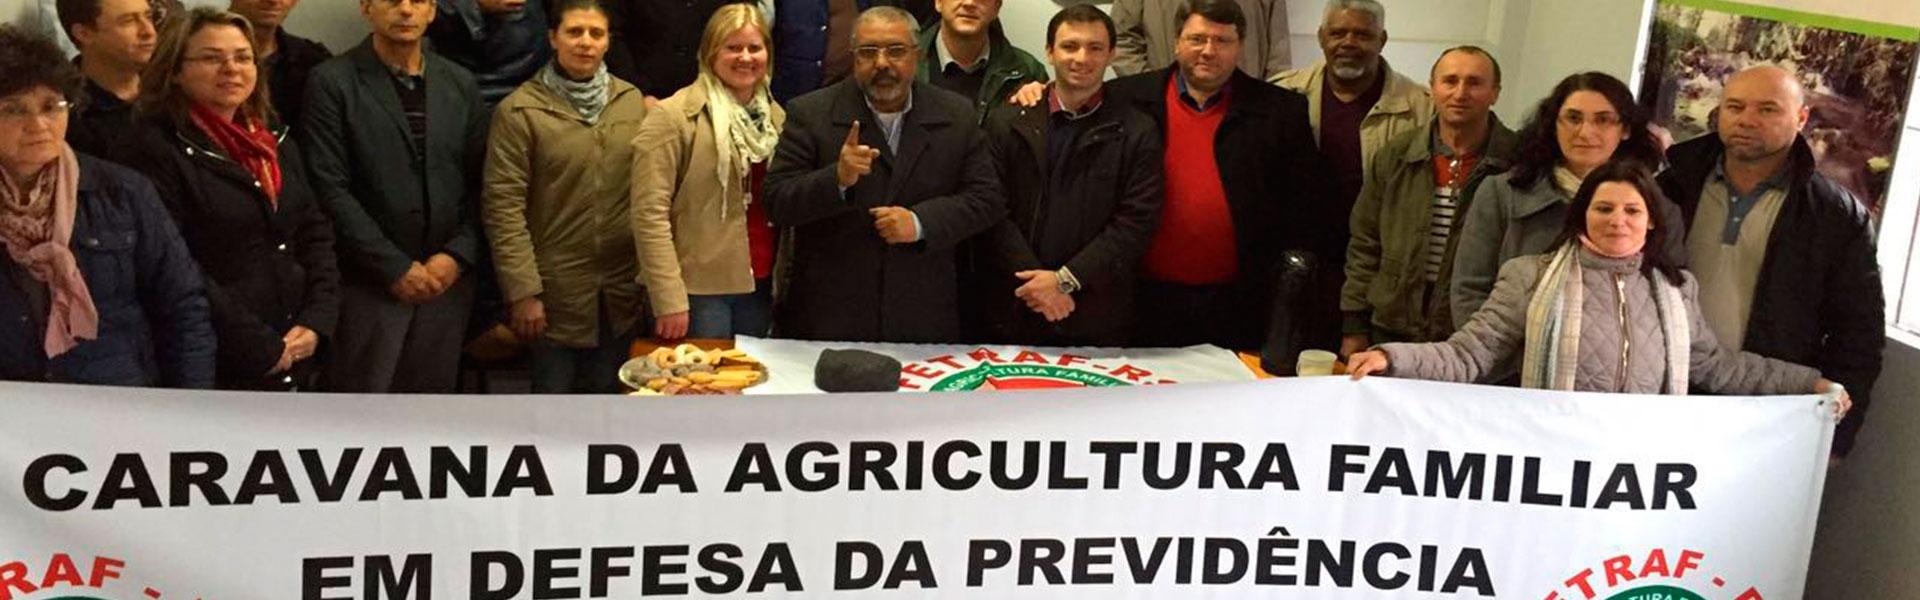 Caravana da Agricultura Familiar em defesa da Previdência!